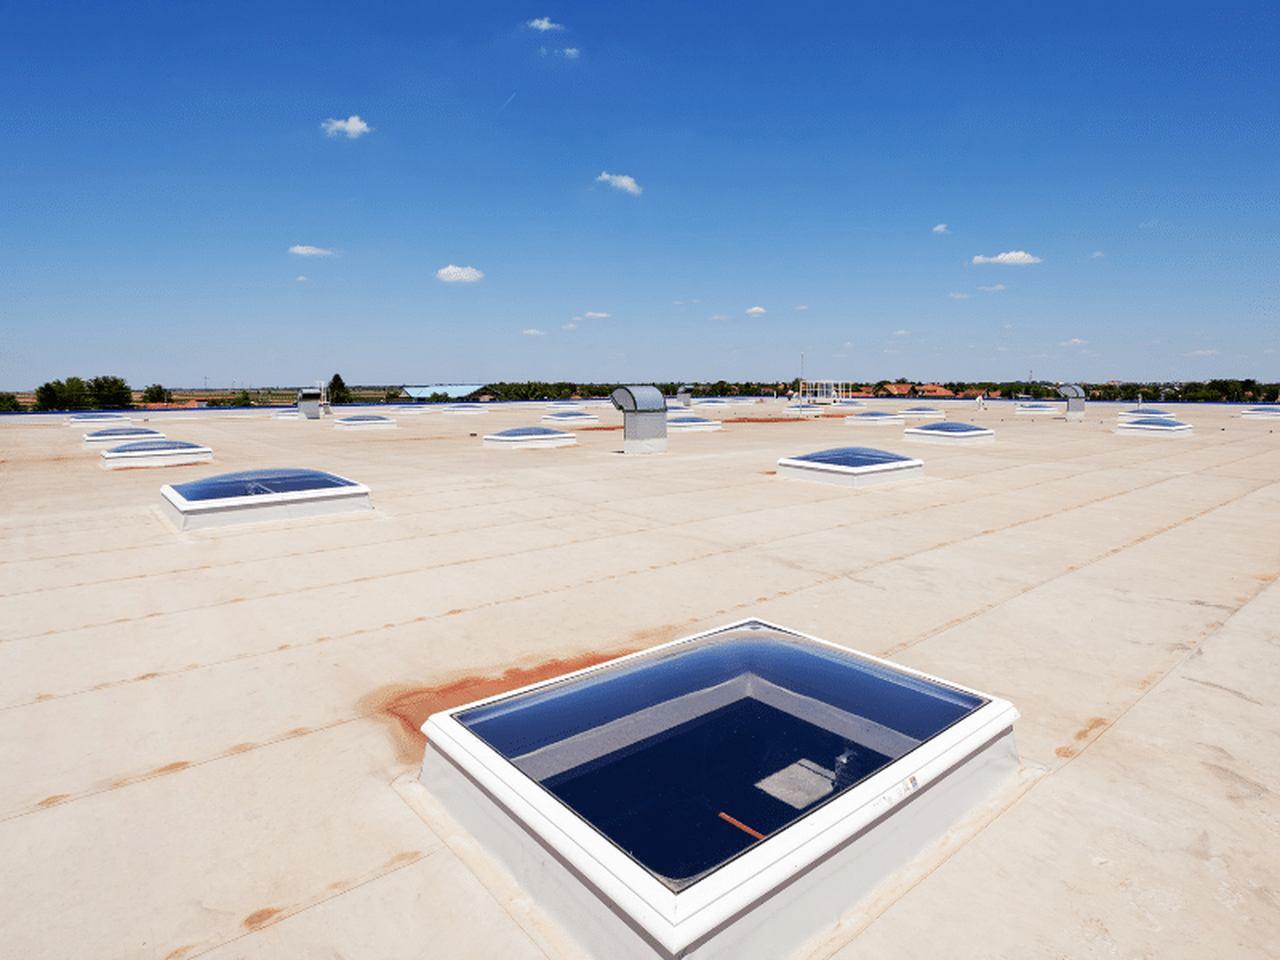 zabezpieczanie dachu przed ciepłem